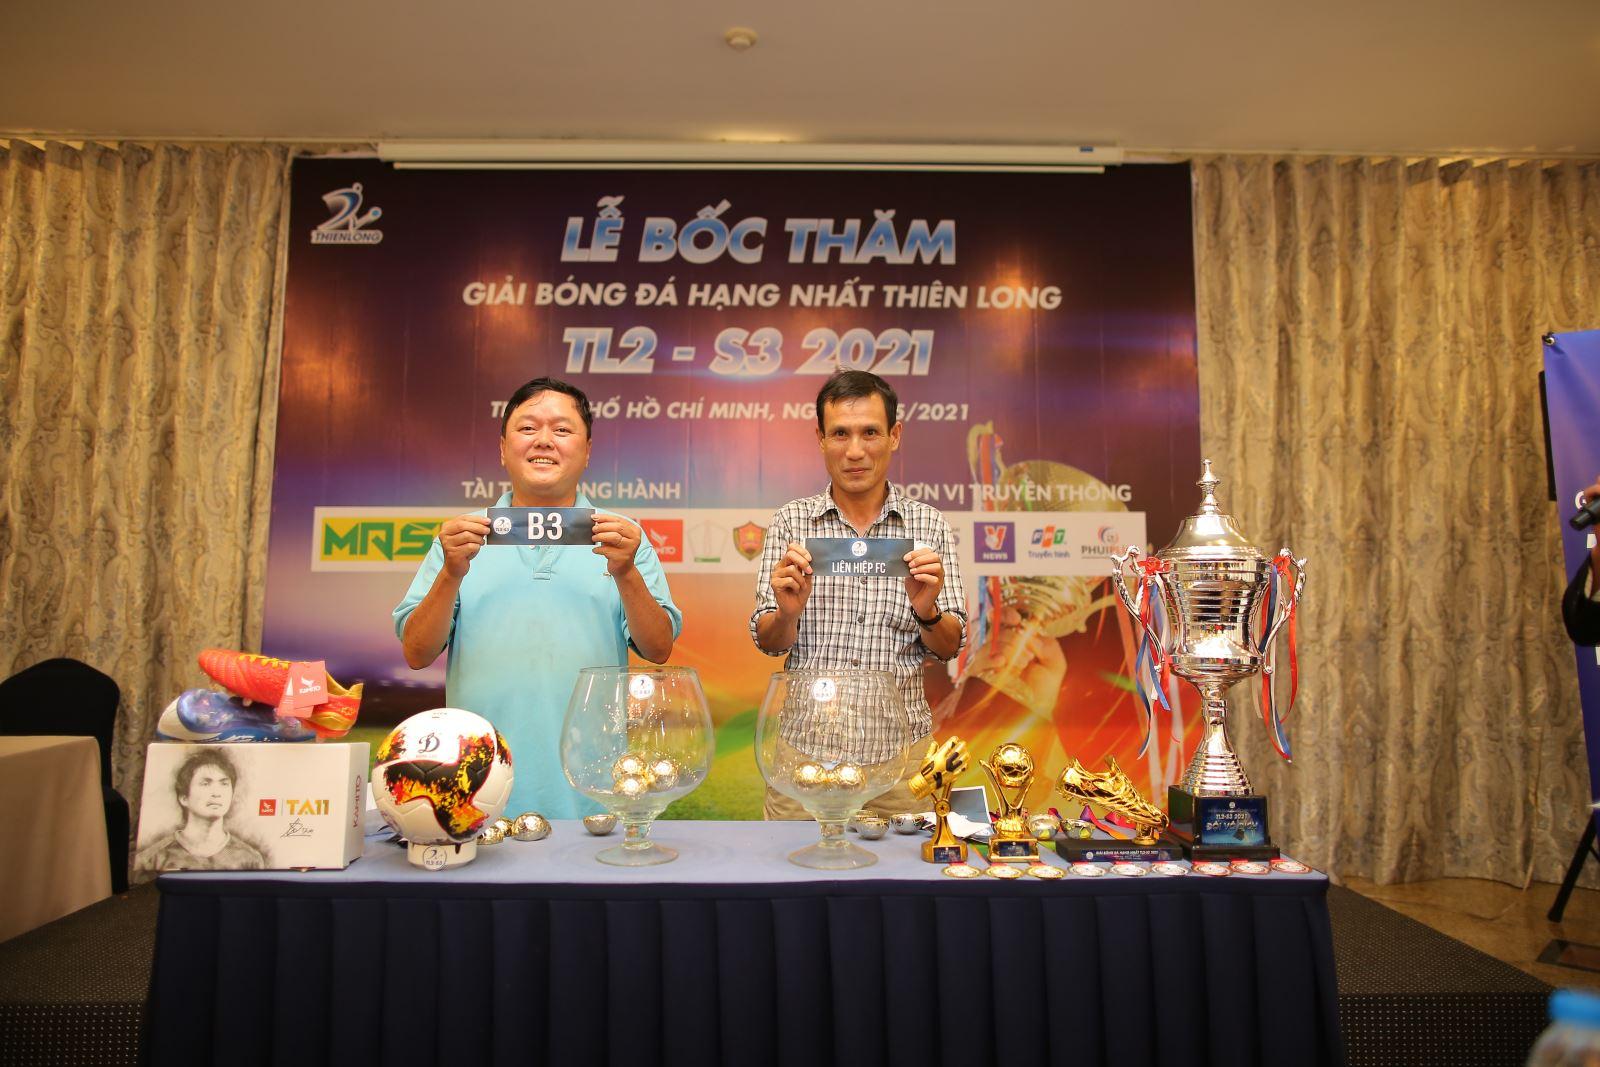 Giải Bóng đá Hạng nhất Thiên Long 2021 sẽ có 8 đội tham dự. Ảnh: Anh Phương